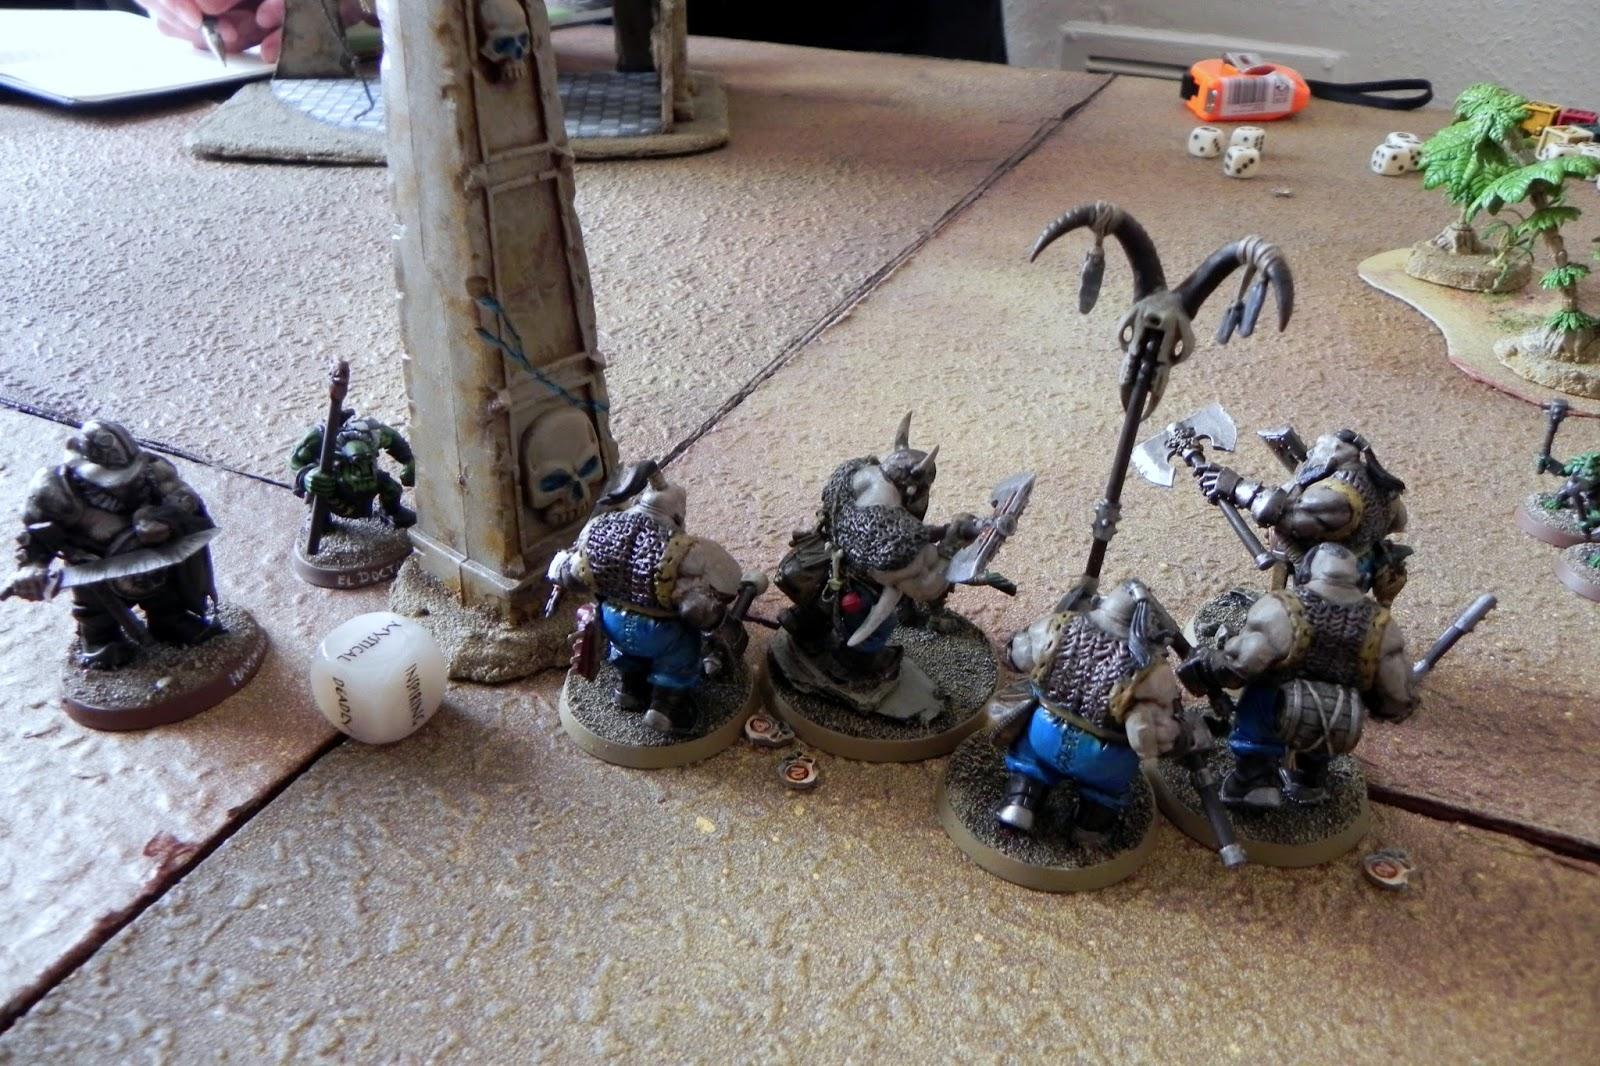 Raiders of the Lost Tablet of Phos DSCN1008